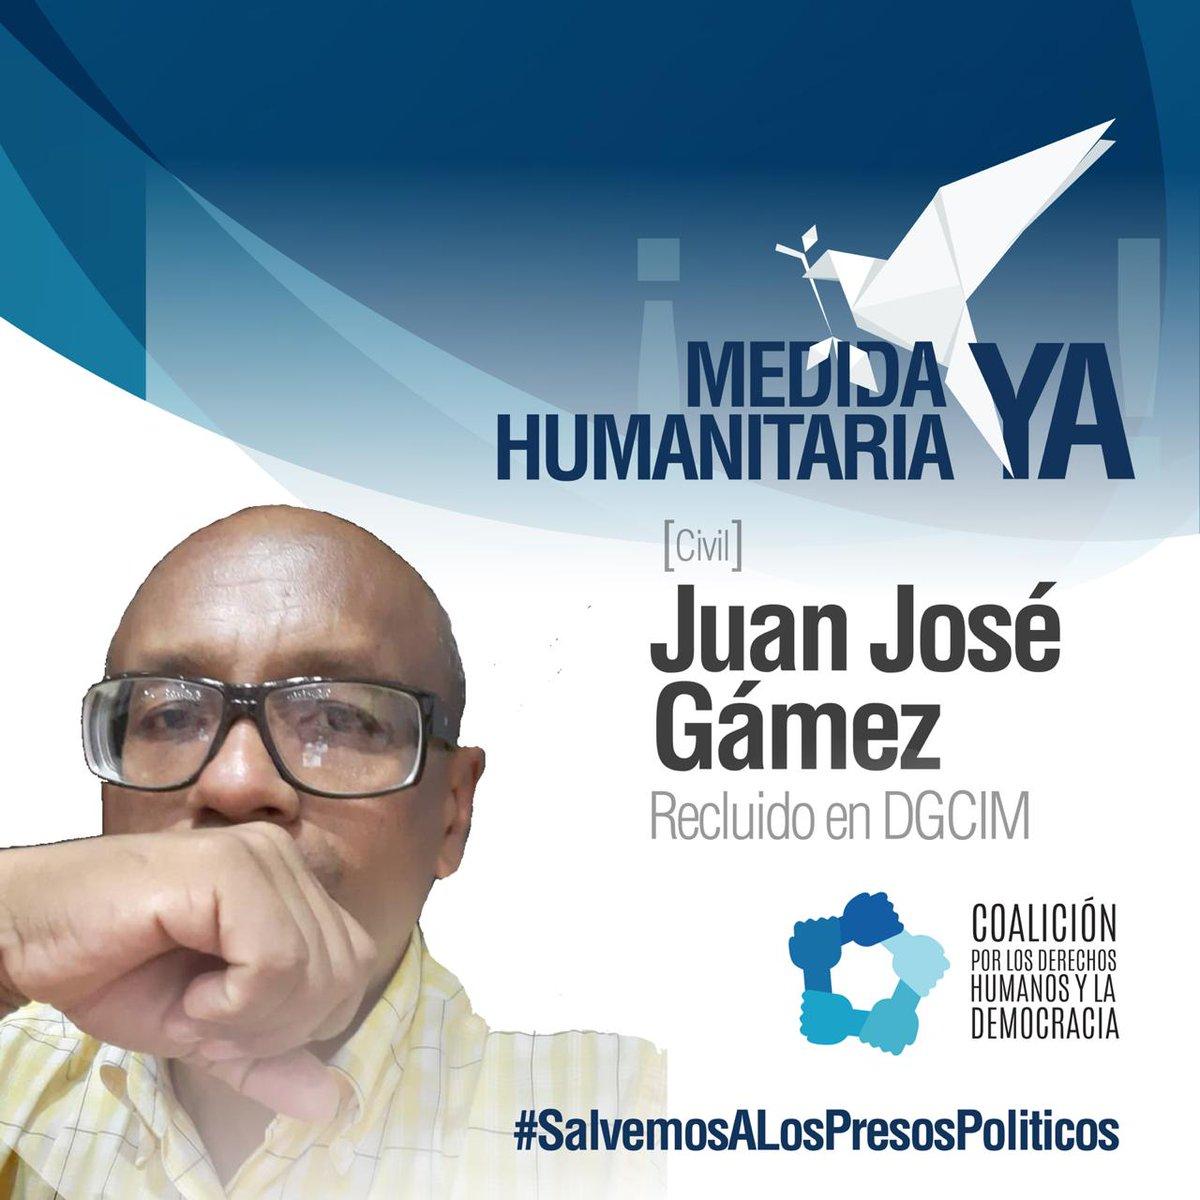 Muchos de los #PresosPoliticos se  encuentran lejos de sus hogares,  familia y amigos.  #JuanGámez es uno de los 460 PP que  ya tiene 132 días sin ver a su familia y abrazarla. Juan cumple hoy un año más de vida en un encierro injusto  acusándolo de delitos que no ha cometido. 🇻🇪 https://t.co/uVu4KtRhtp